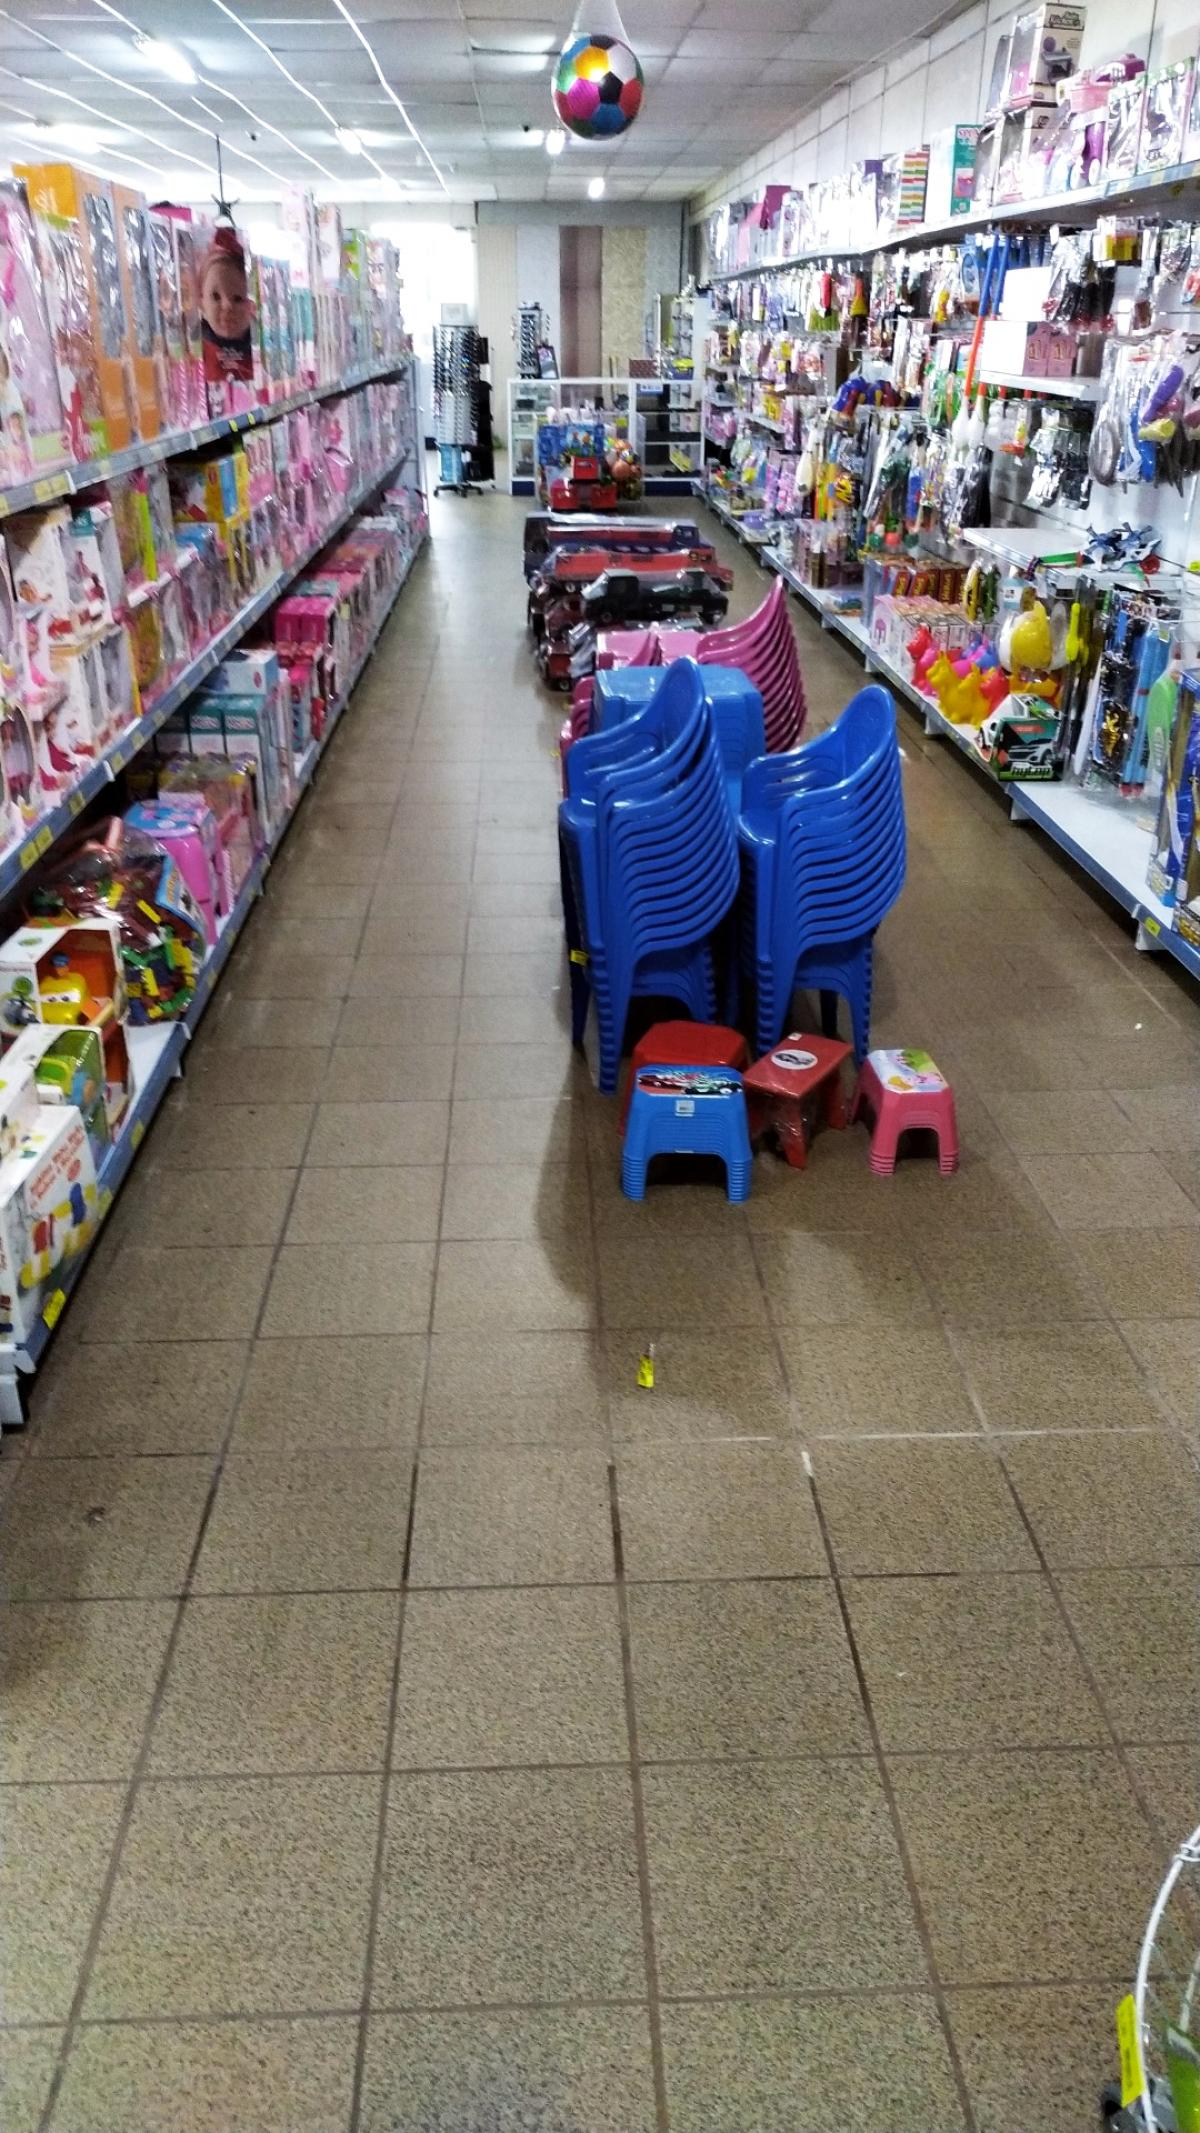 vendo loja de utilidades em geral